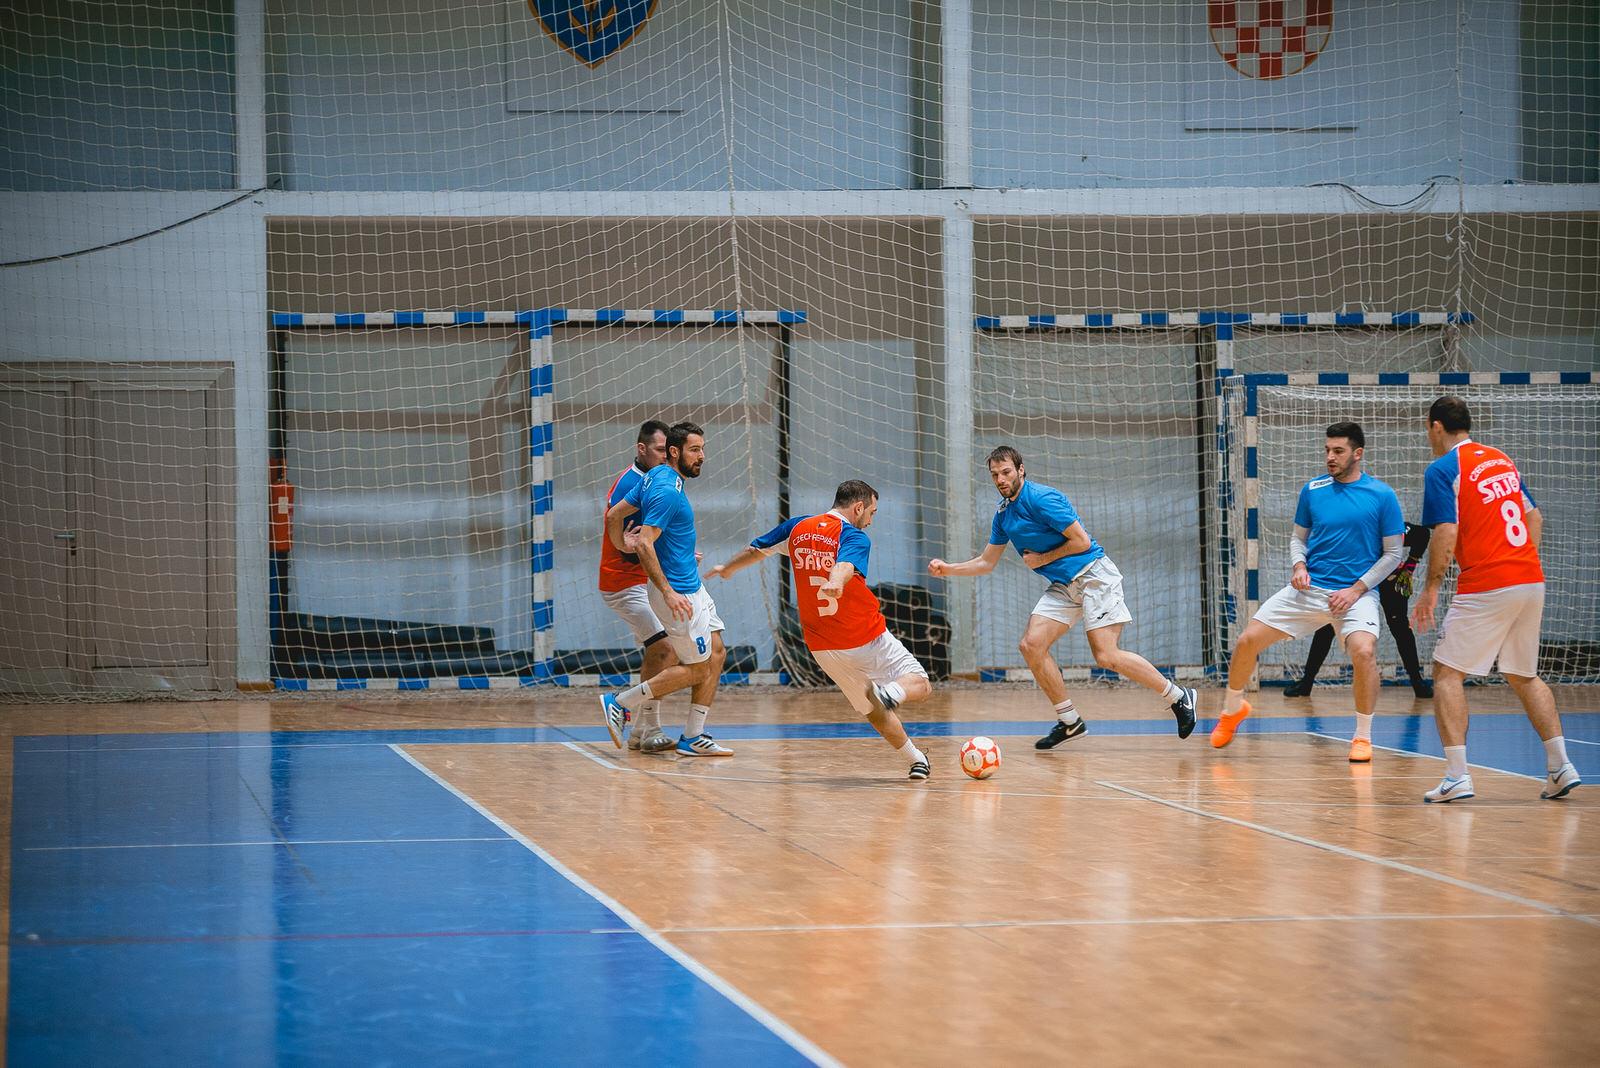 likaclub_gospić_zimski-malonogometni-turnir-2018-19-49